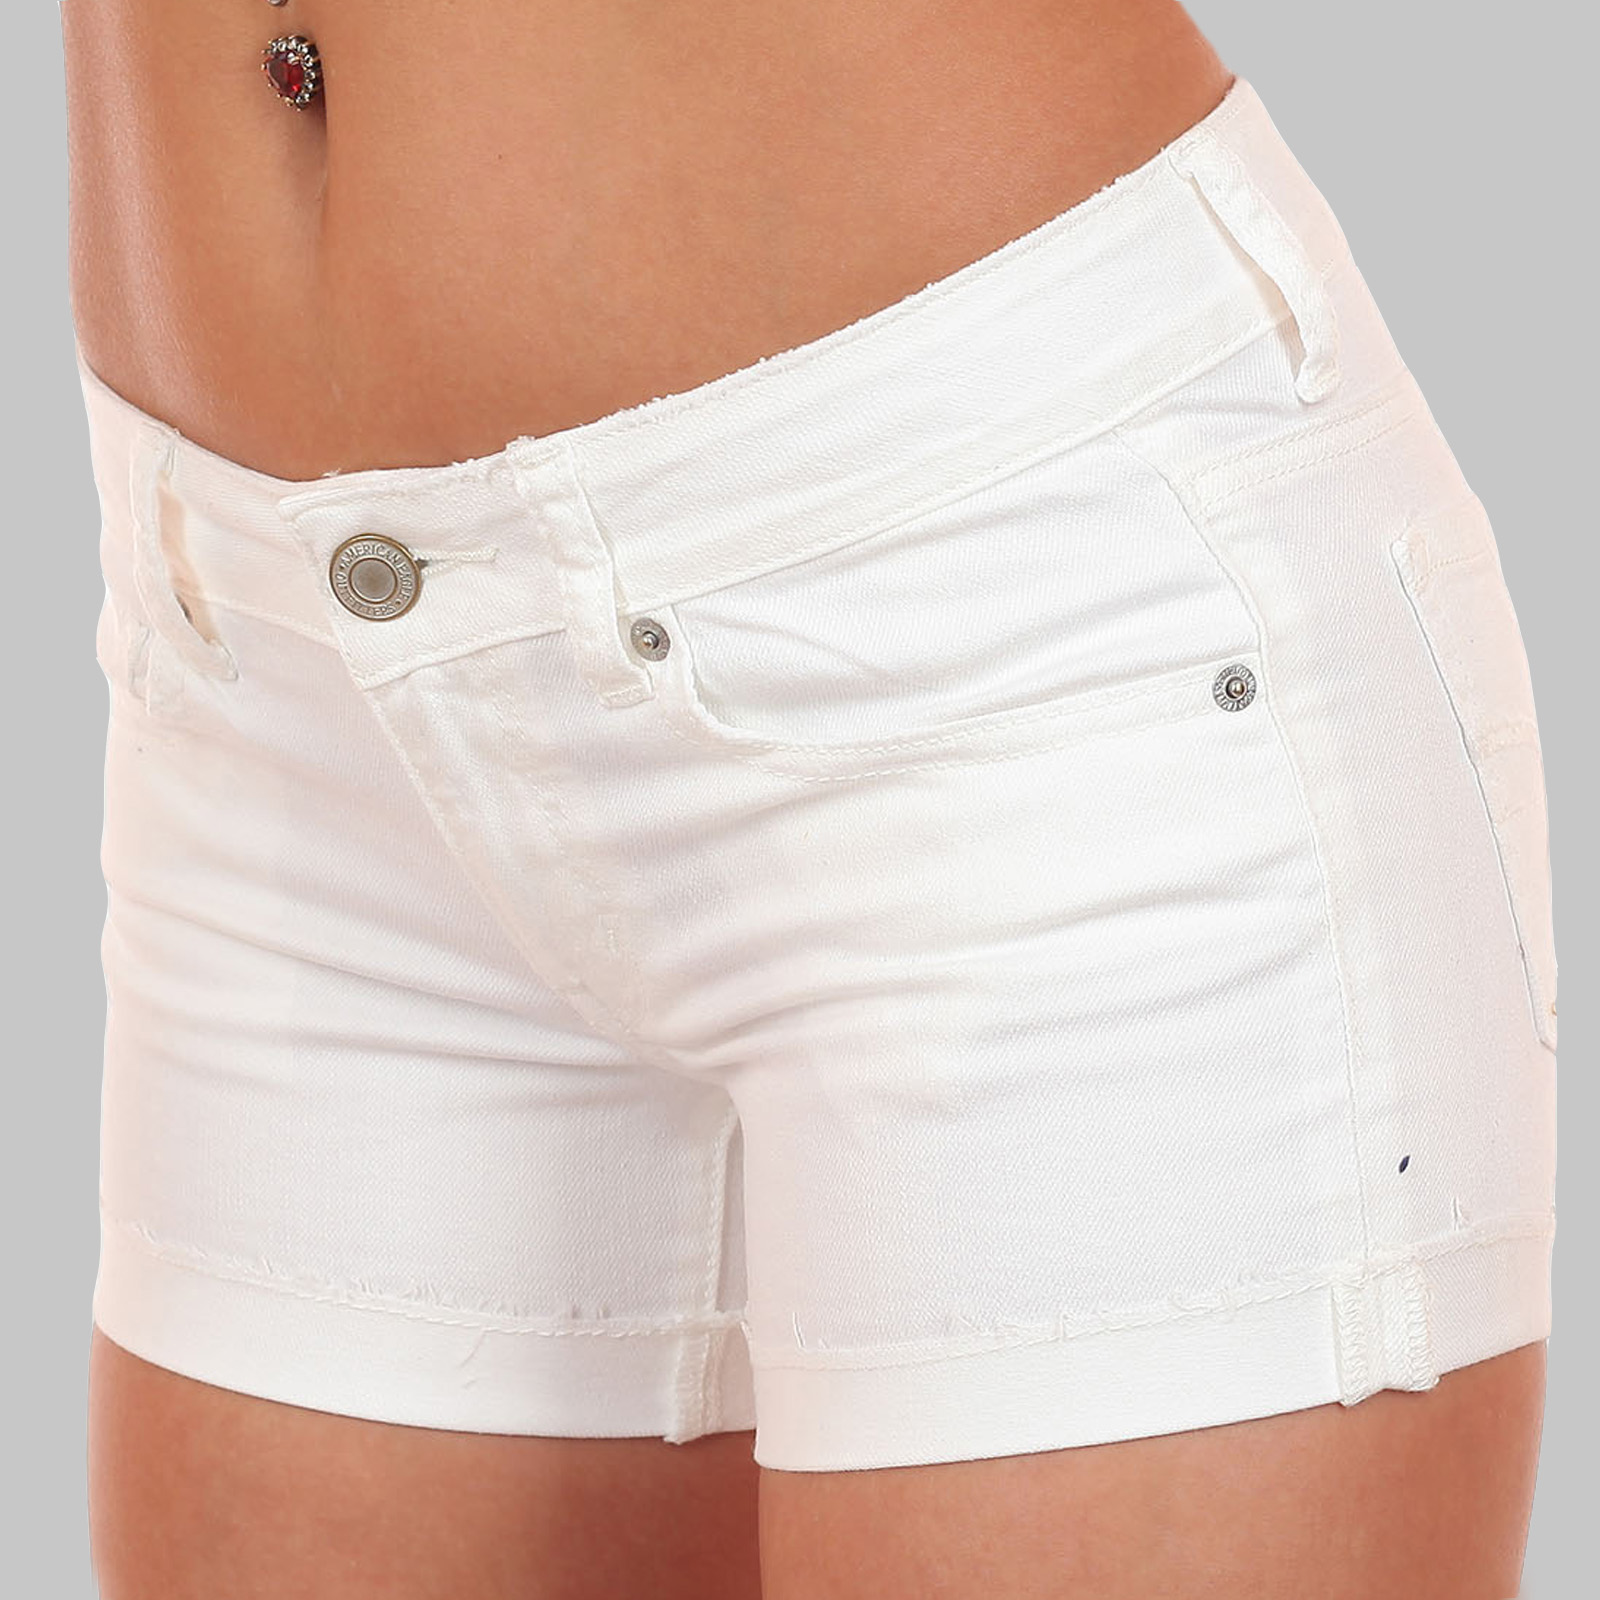 Белые джинсовые шорты, модель 2017 года по сниженной цене